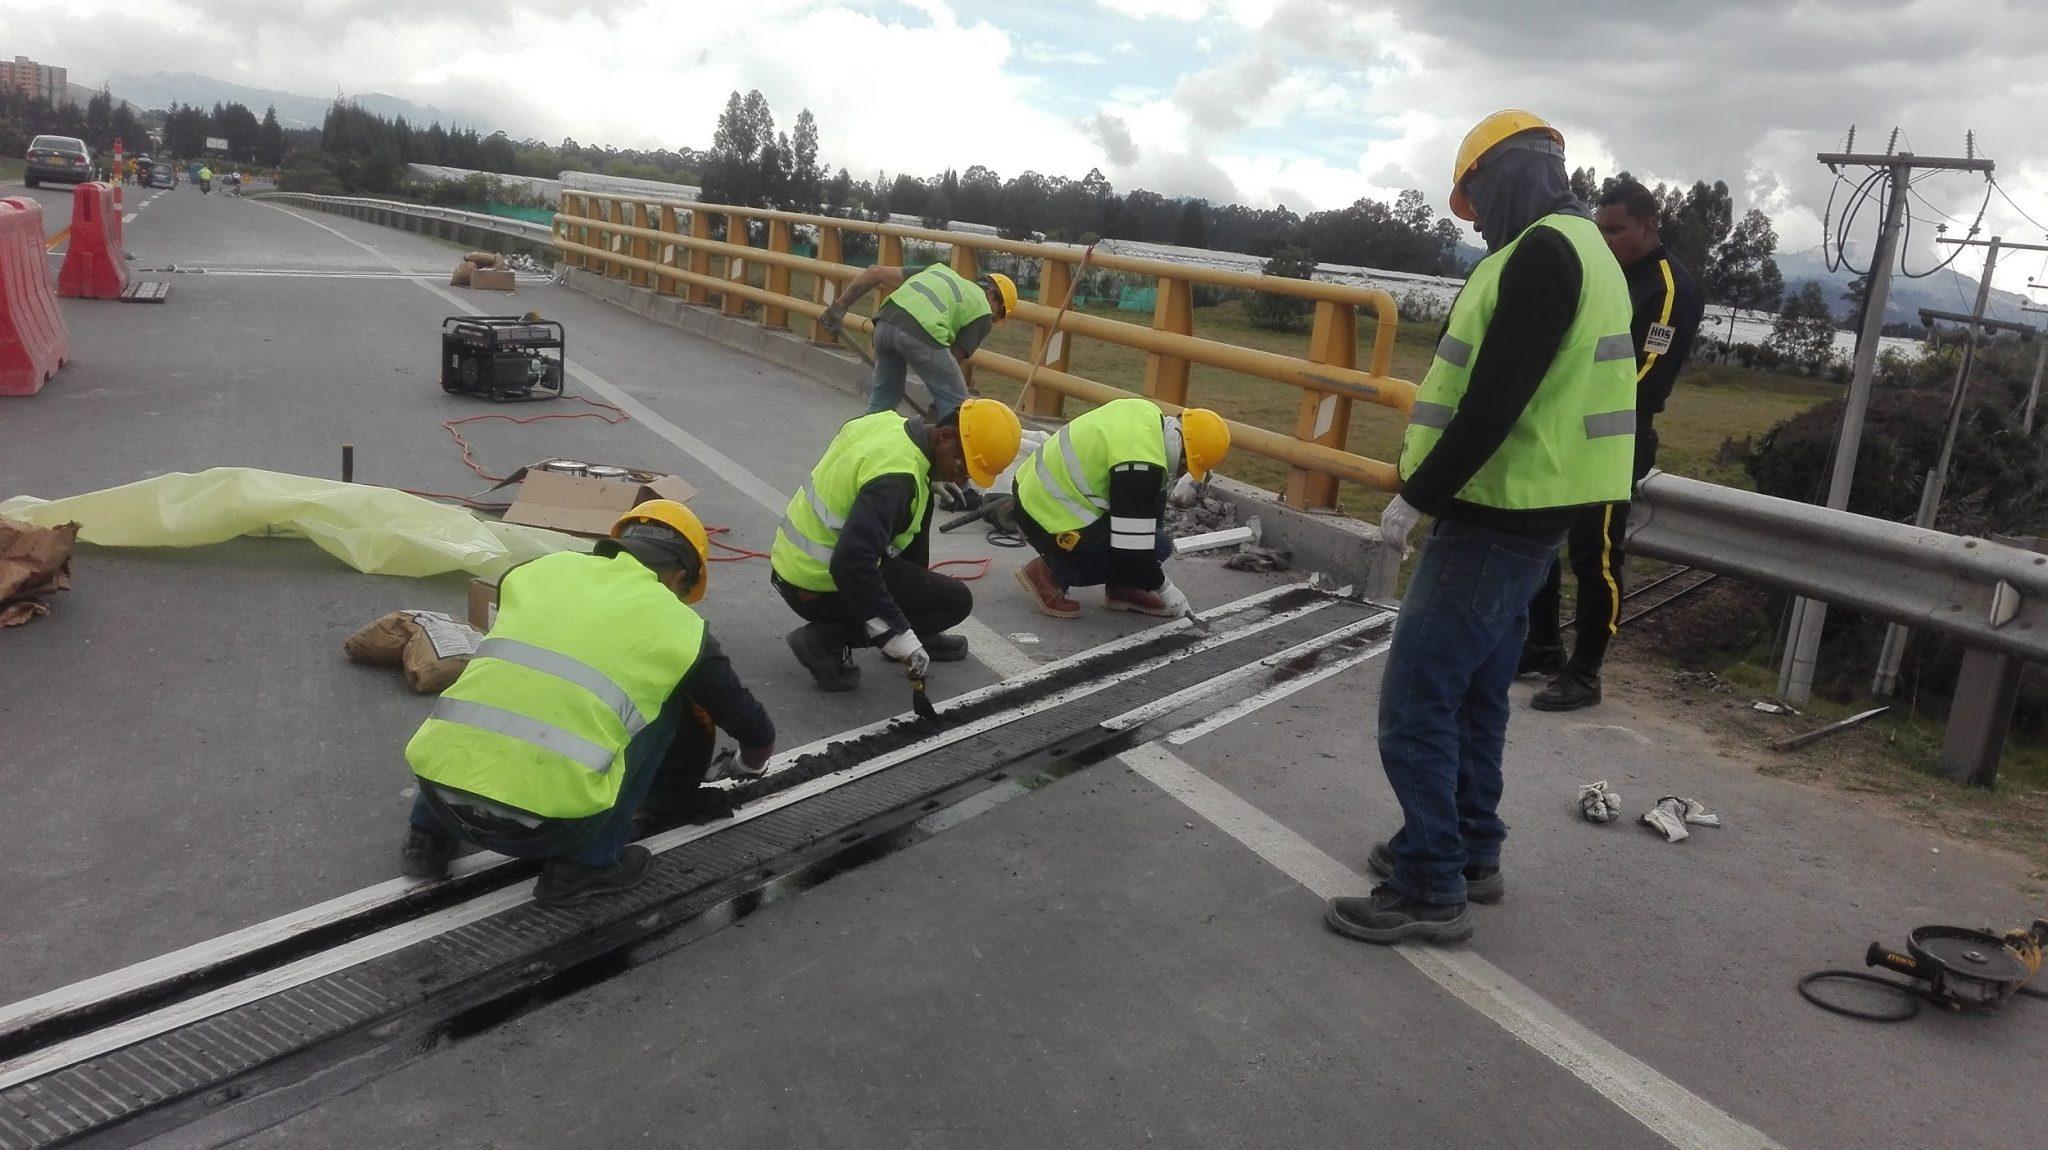 Juntas Puente Ferrocarril 2 en Colombia caucho vikingos